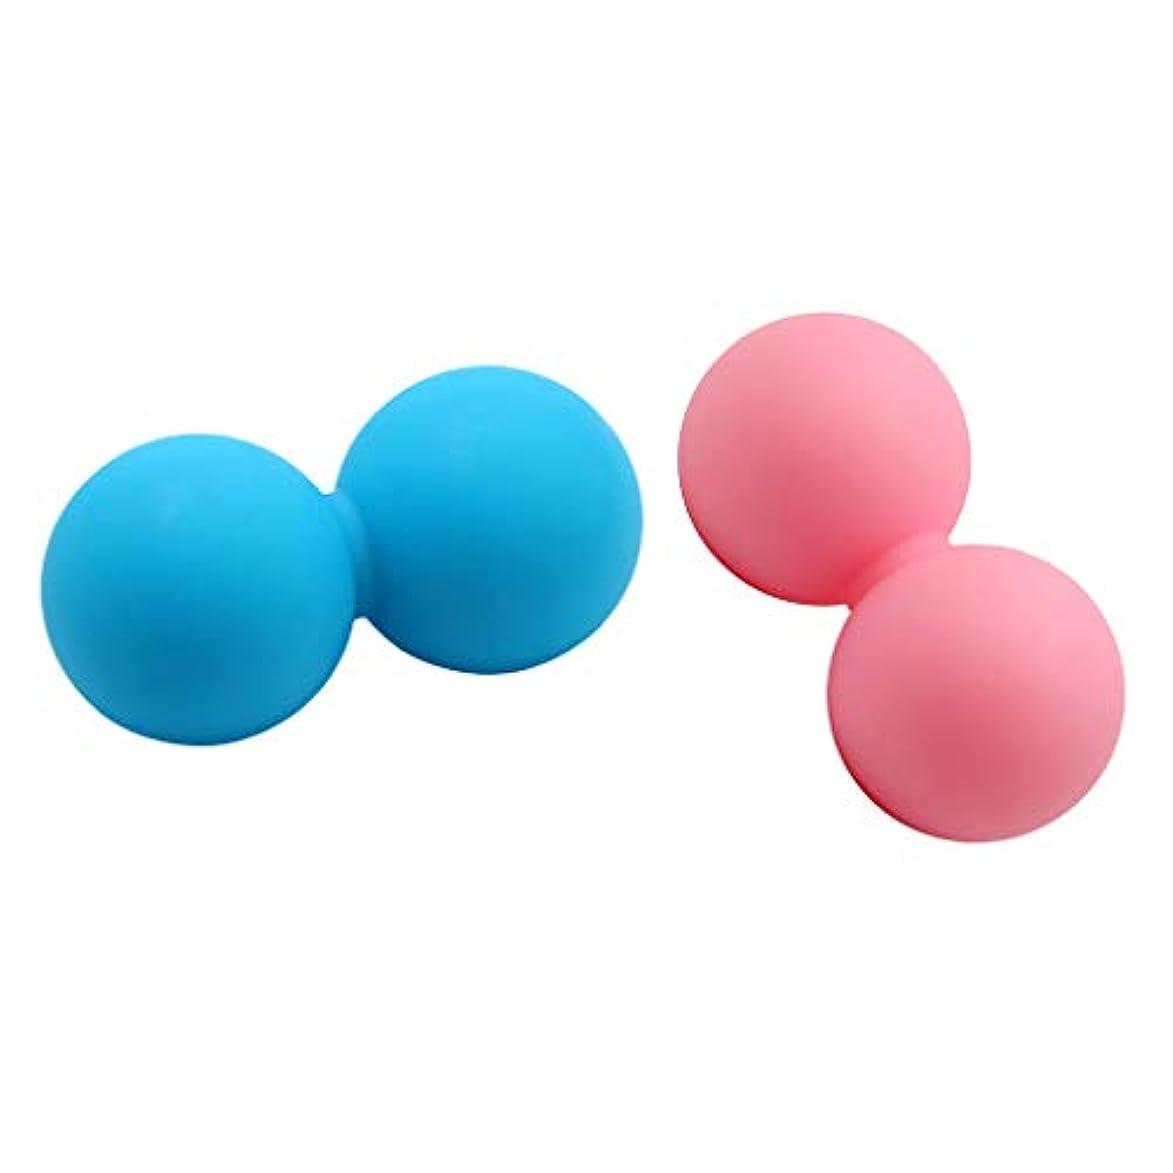 統治するさせる飛び込むマッサージボール ピーナッツ ダブルラクロスマッサージボール リガーポイント ツボマッサージ 2個入